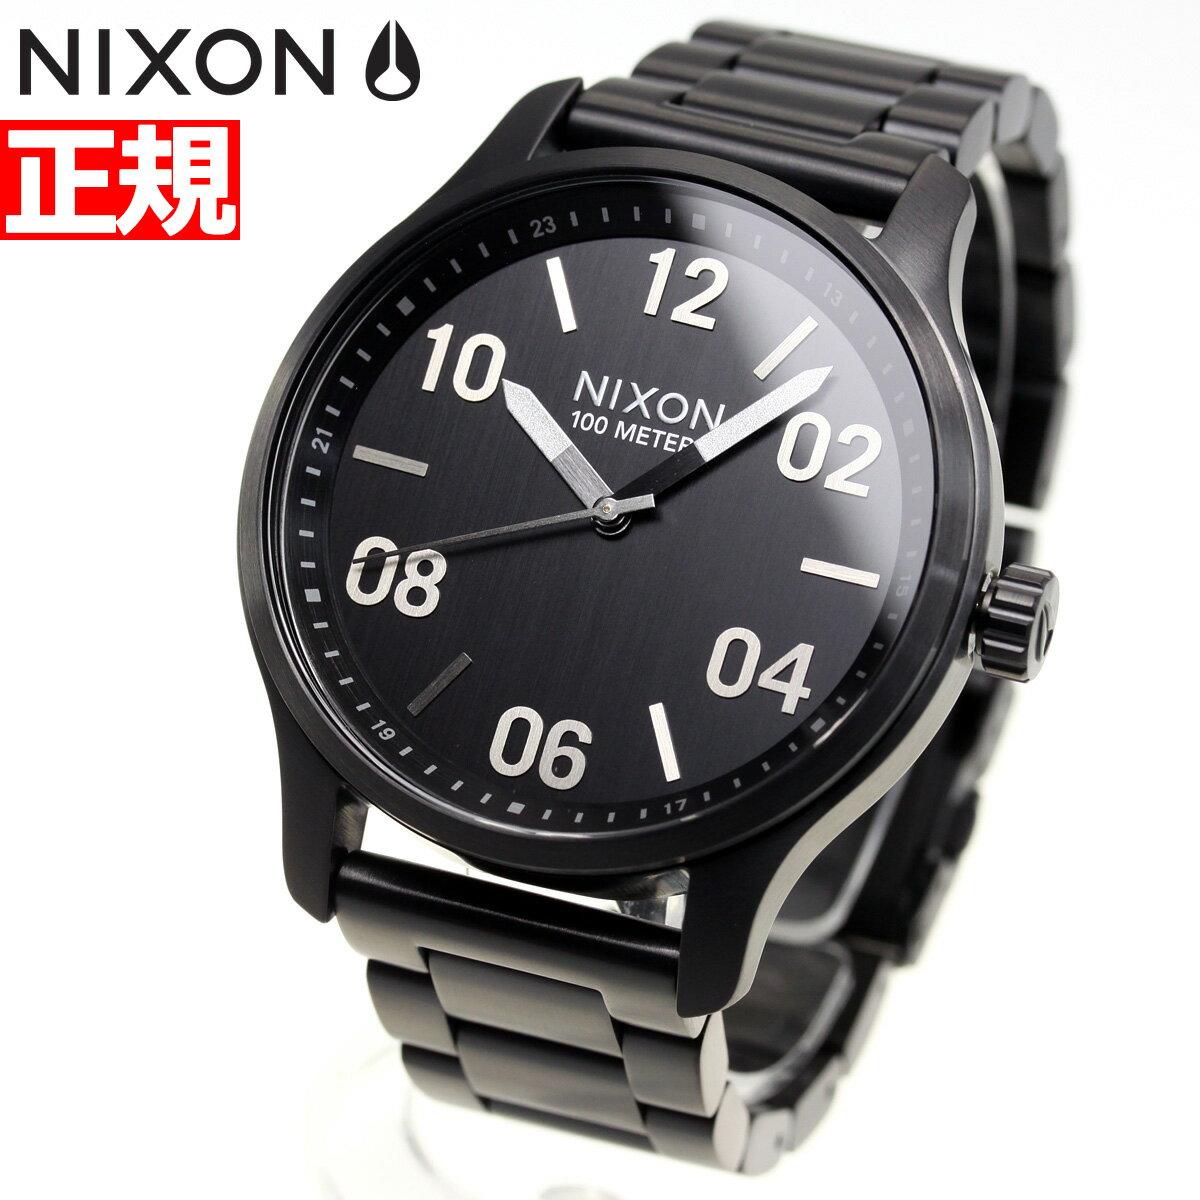 先着!最大9万円OFFクーポン付!+ポイント最大35倍は15日23時59分まで!ニクソン NIXON パトロール PATROL 腕時計 メンズ ブラック/シルバー NA1242180-00【2018 新作】